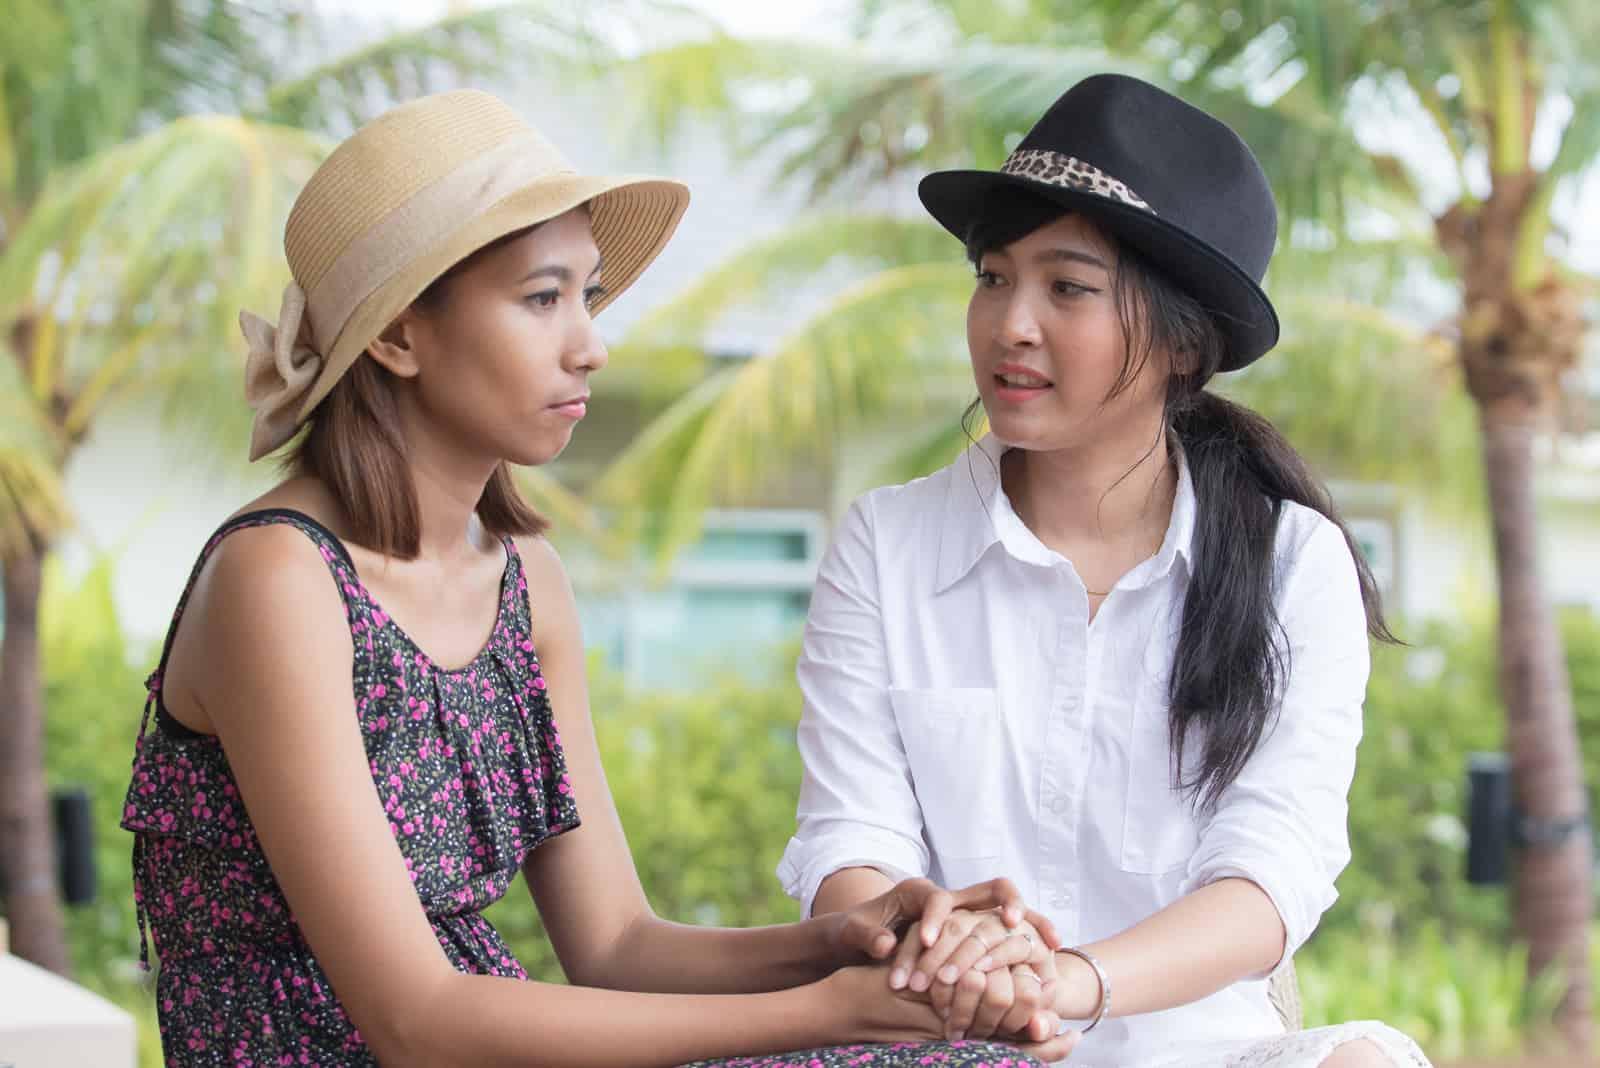 zwei Freundinnen im Freien reden